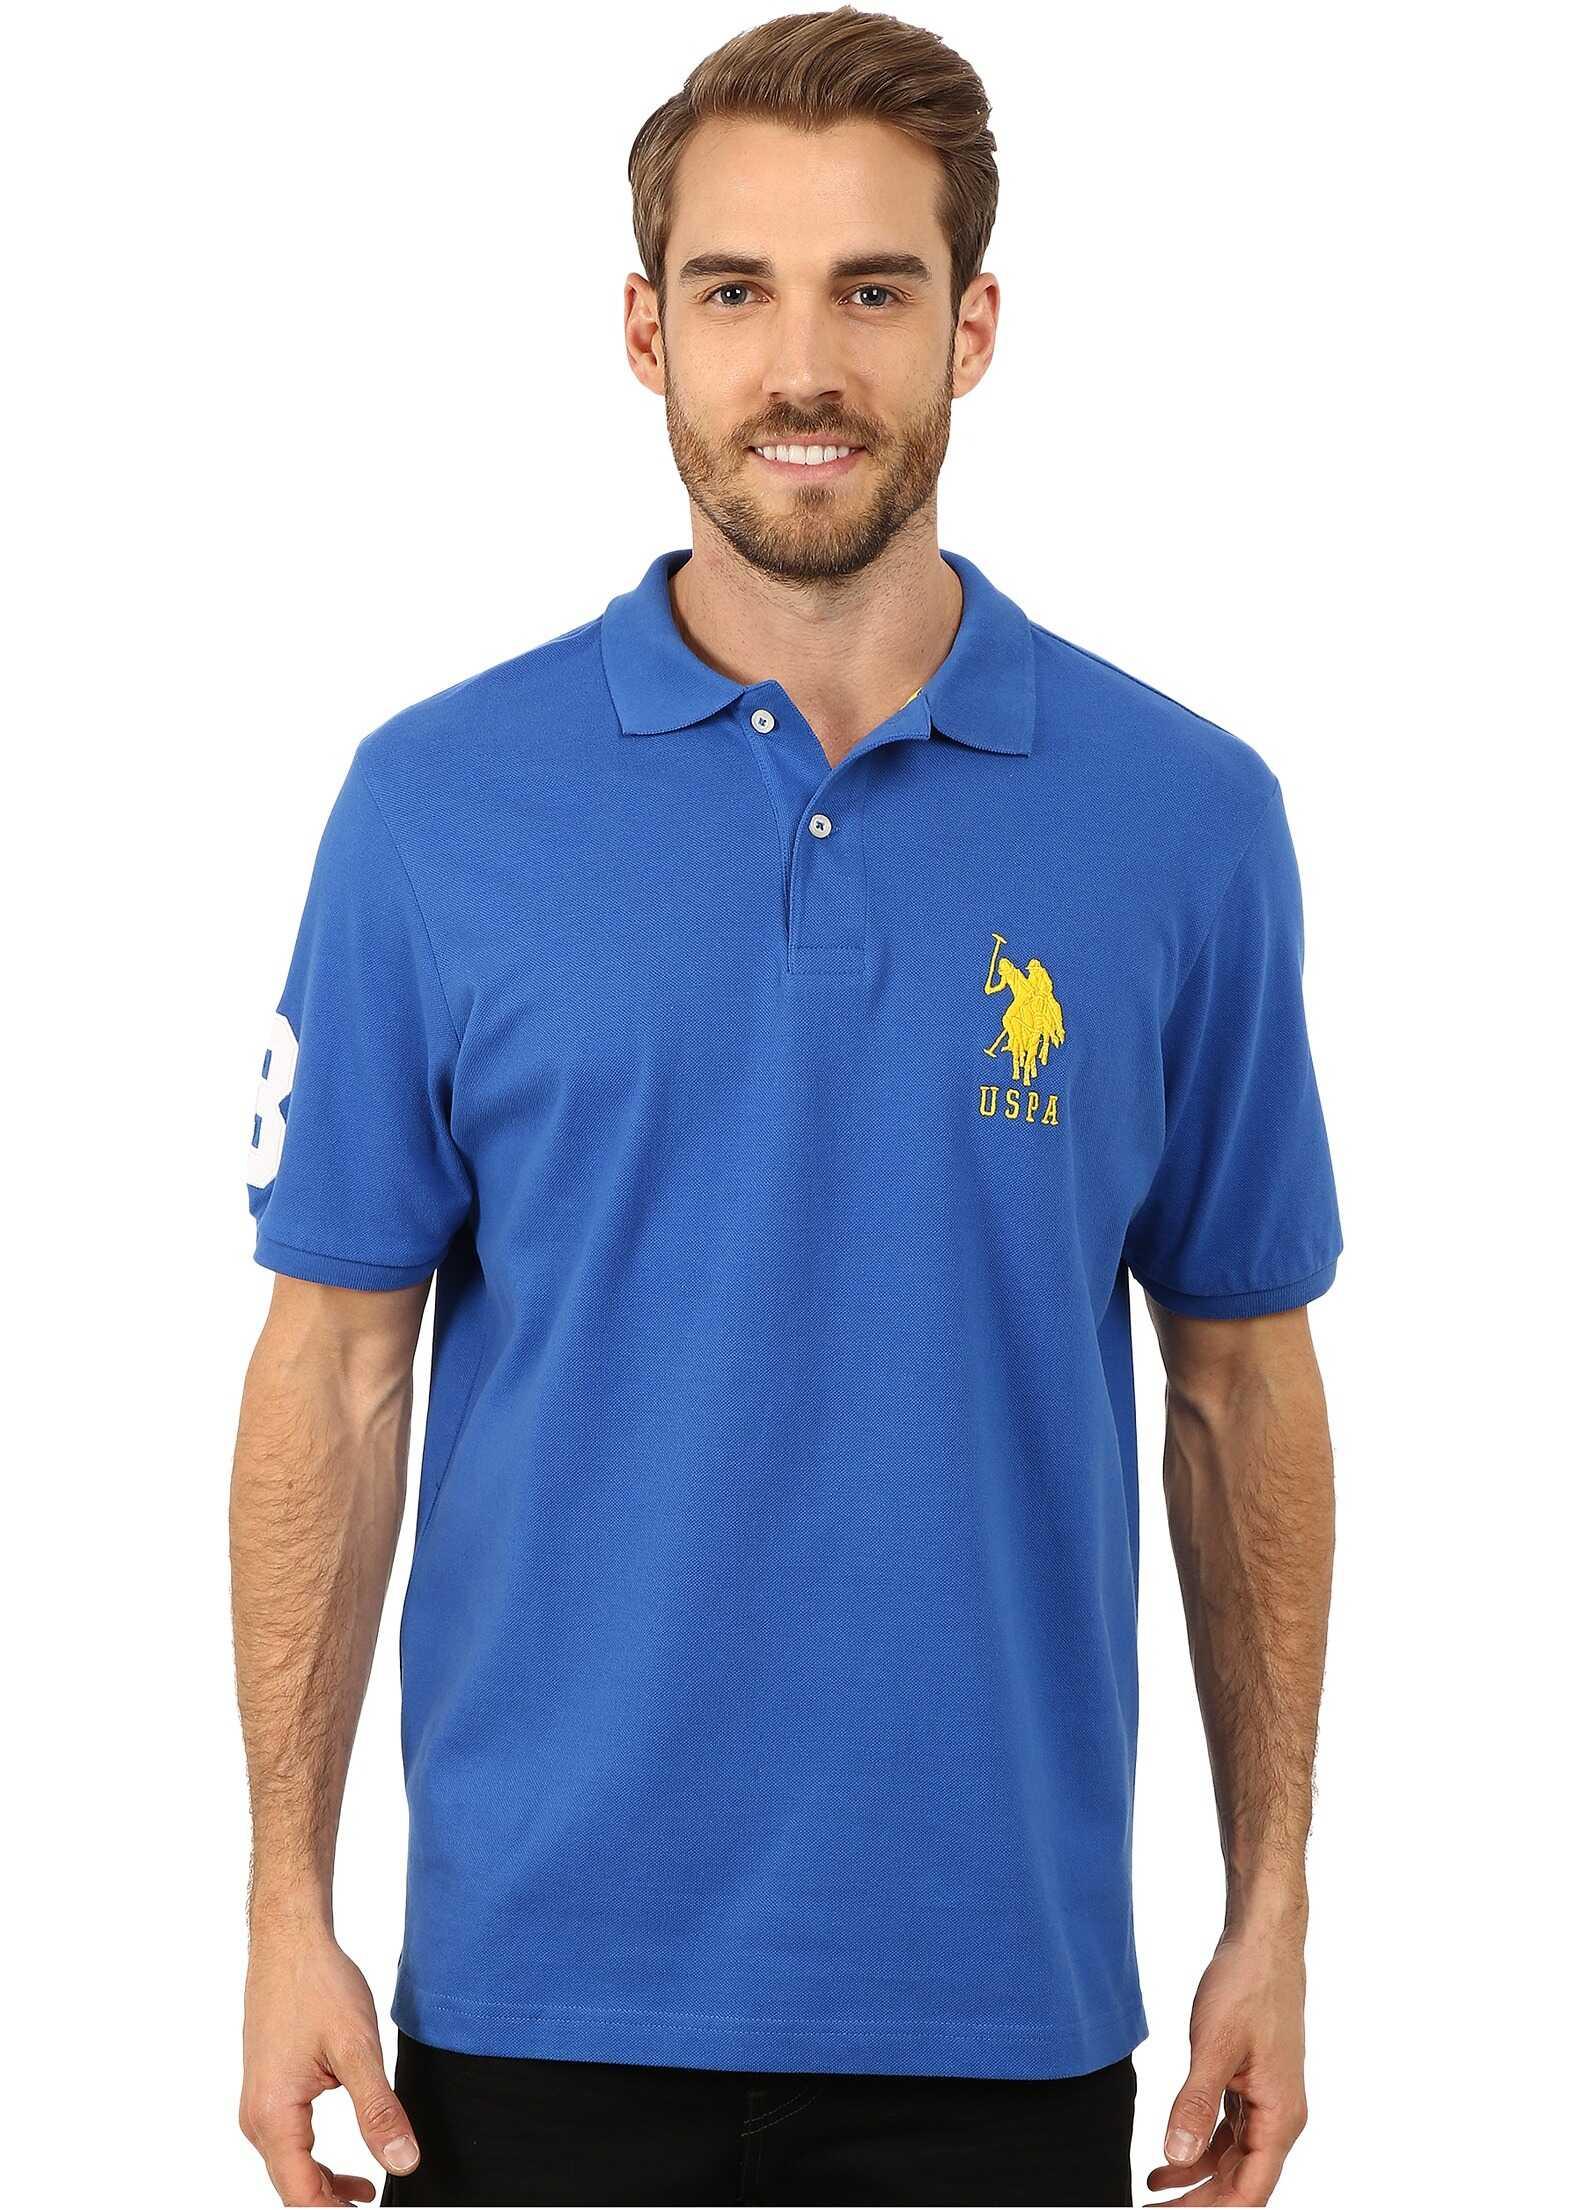 U.S. POLO ASSN. Solid Pique Polo China Blue